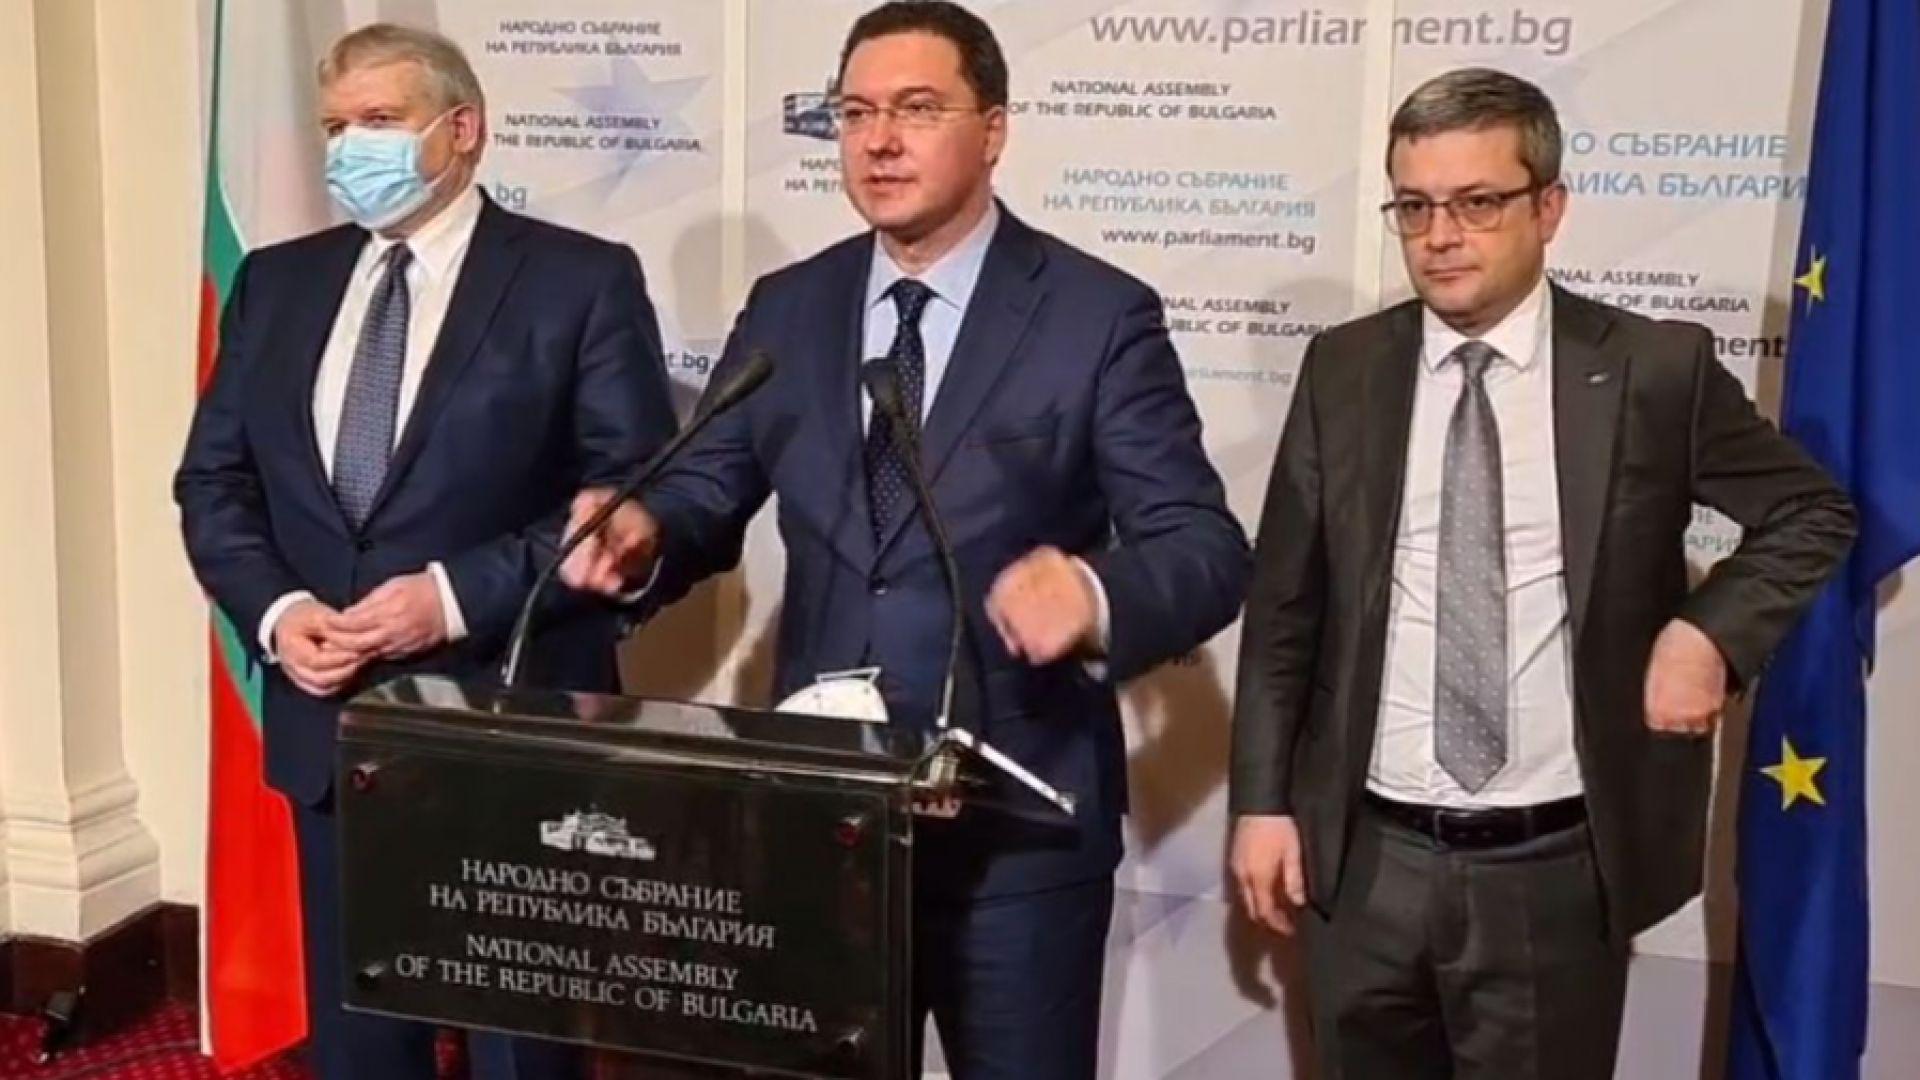 ГЕРБ: Отказът на ДБ е политическа незрялост, ще носят отговорност за предстоящия хаос (видео)